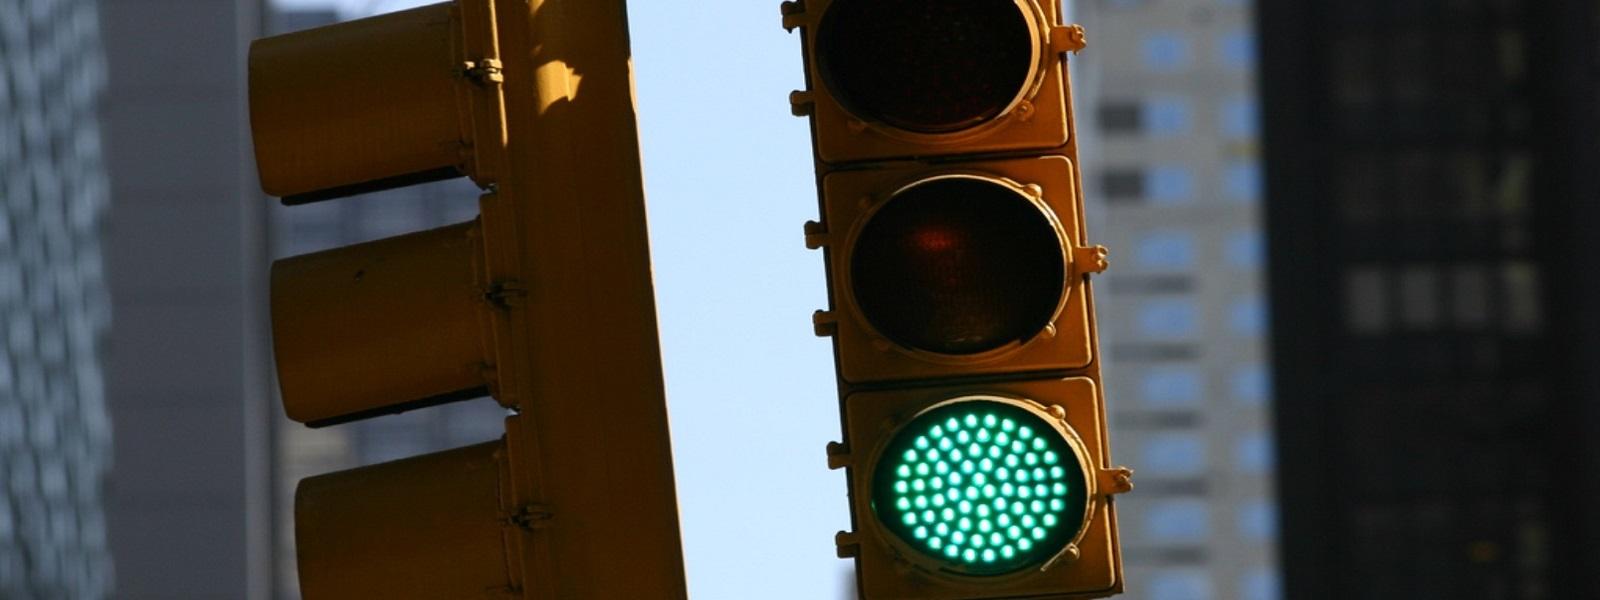 green-light-2